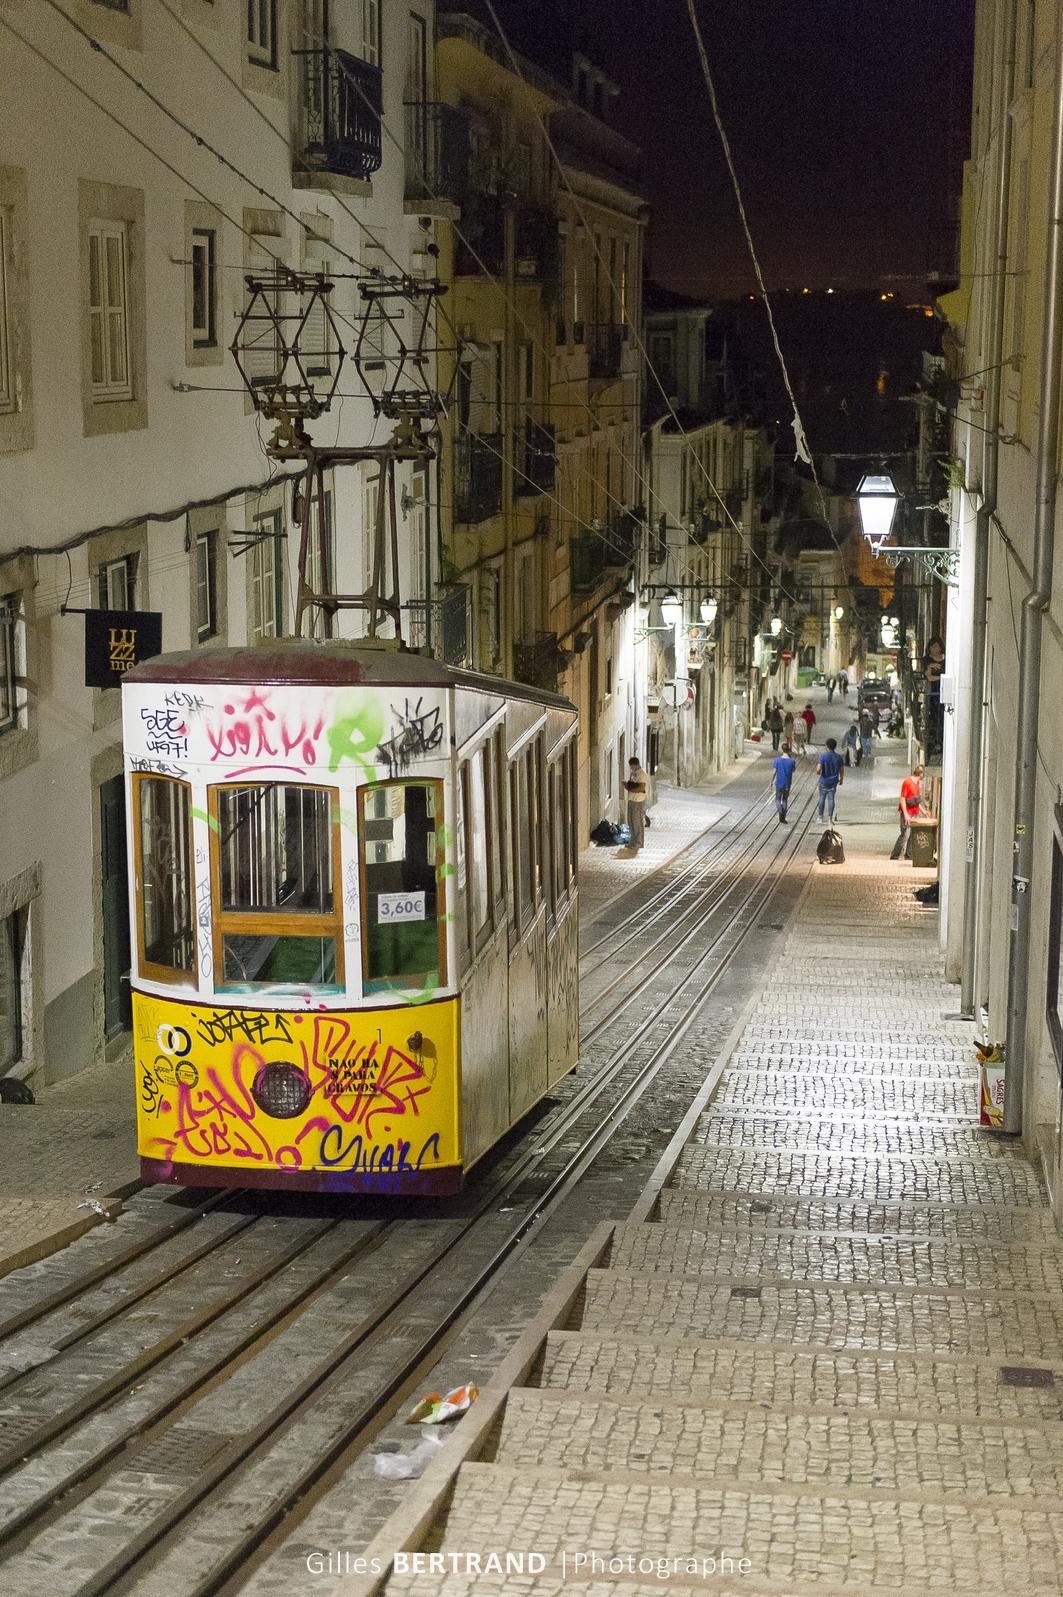 LISBONNE - Le funiculaire da Bica de nuit dans le quartier du bairro Alto